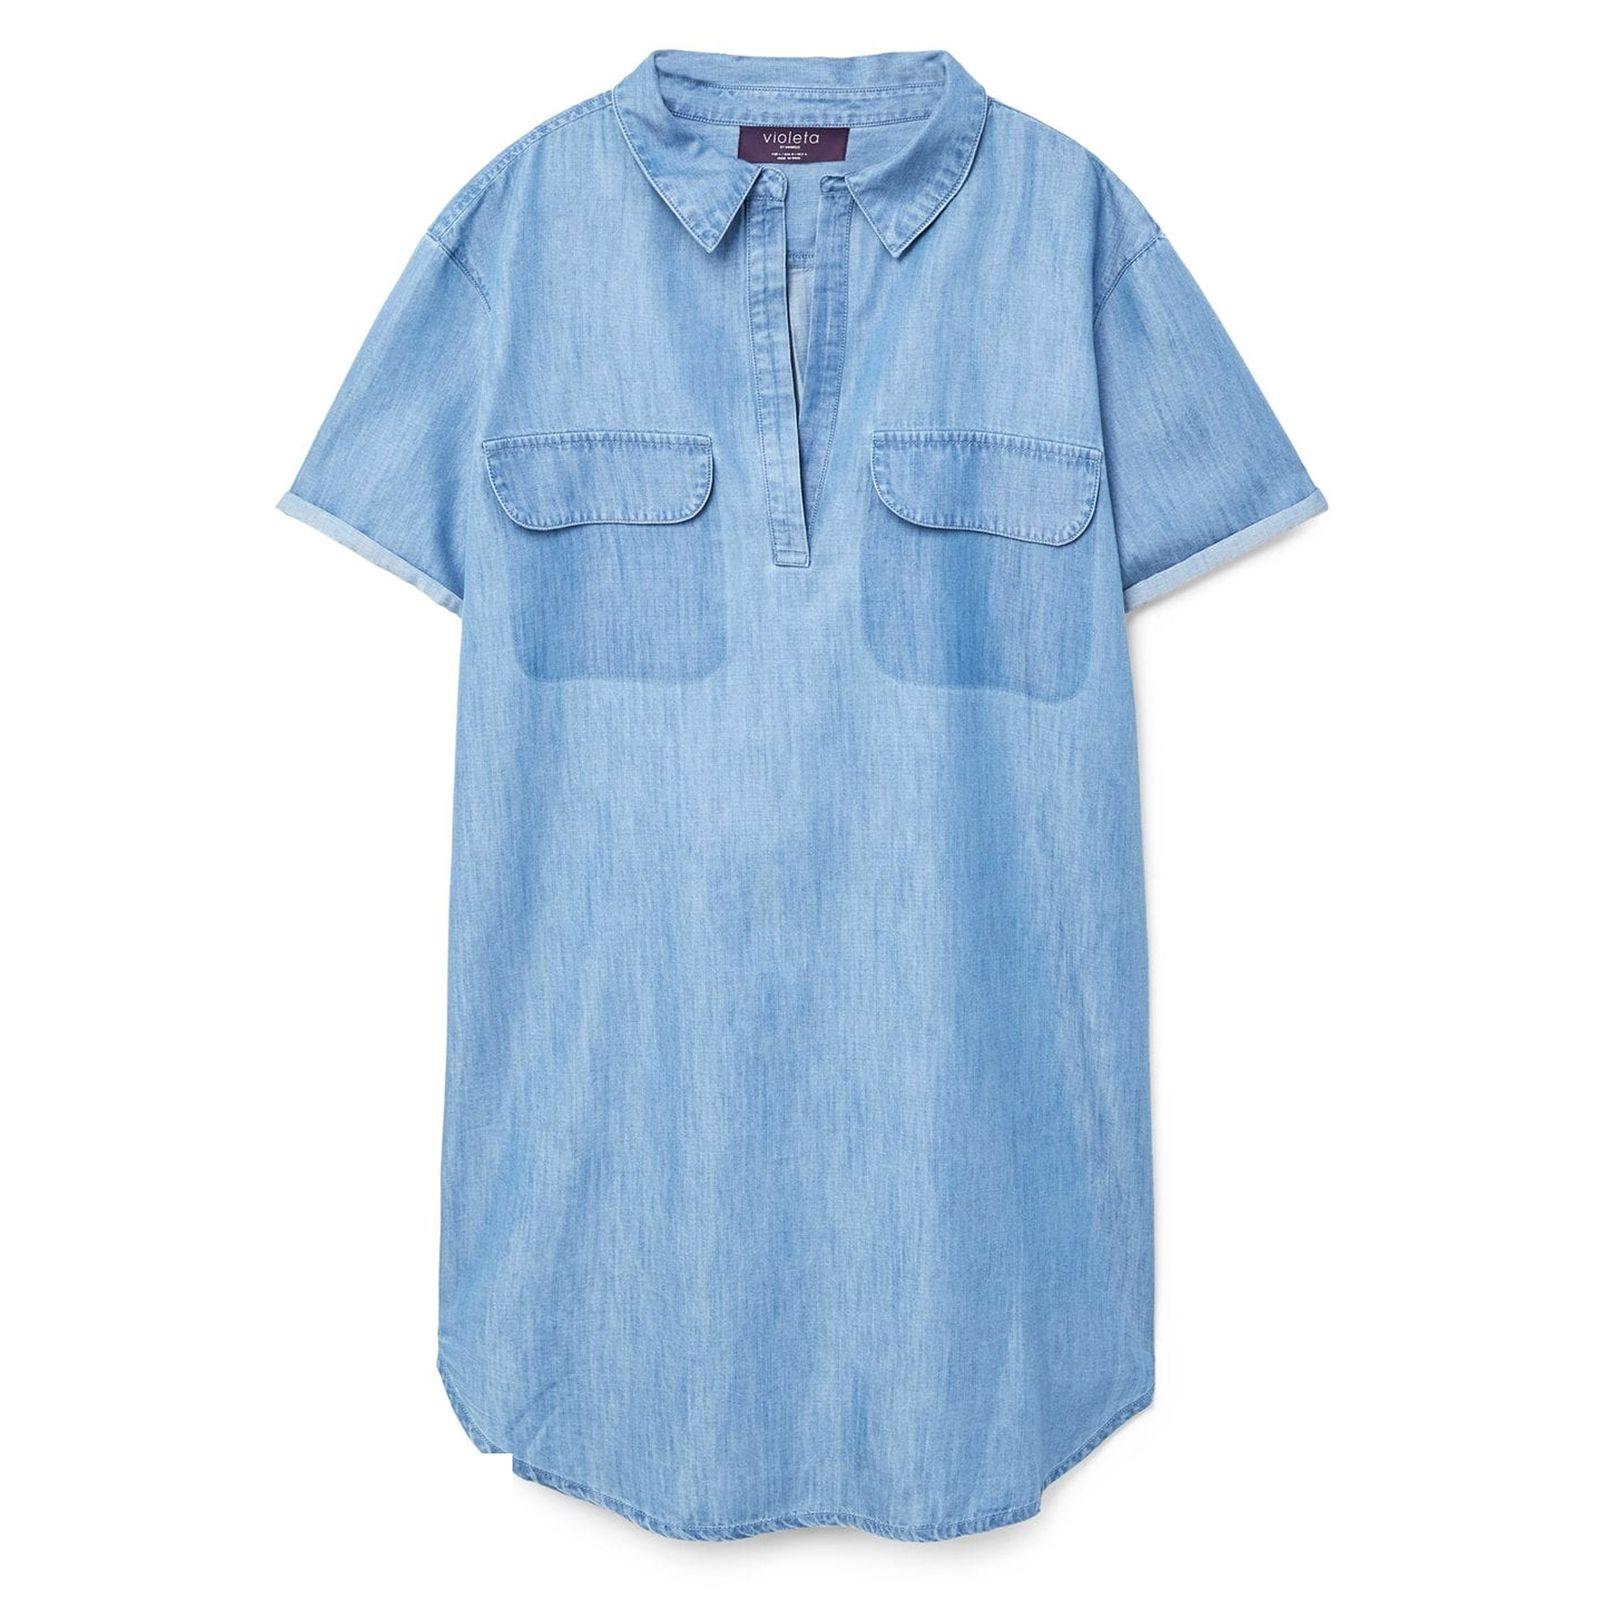 پیراهن جین کوتاه زنانه - ویولتا بای مانگو - آبي  - 1